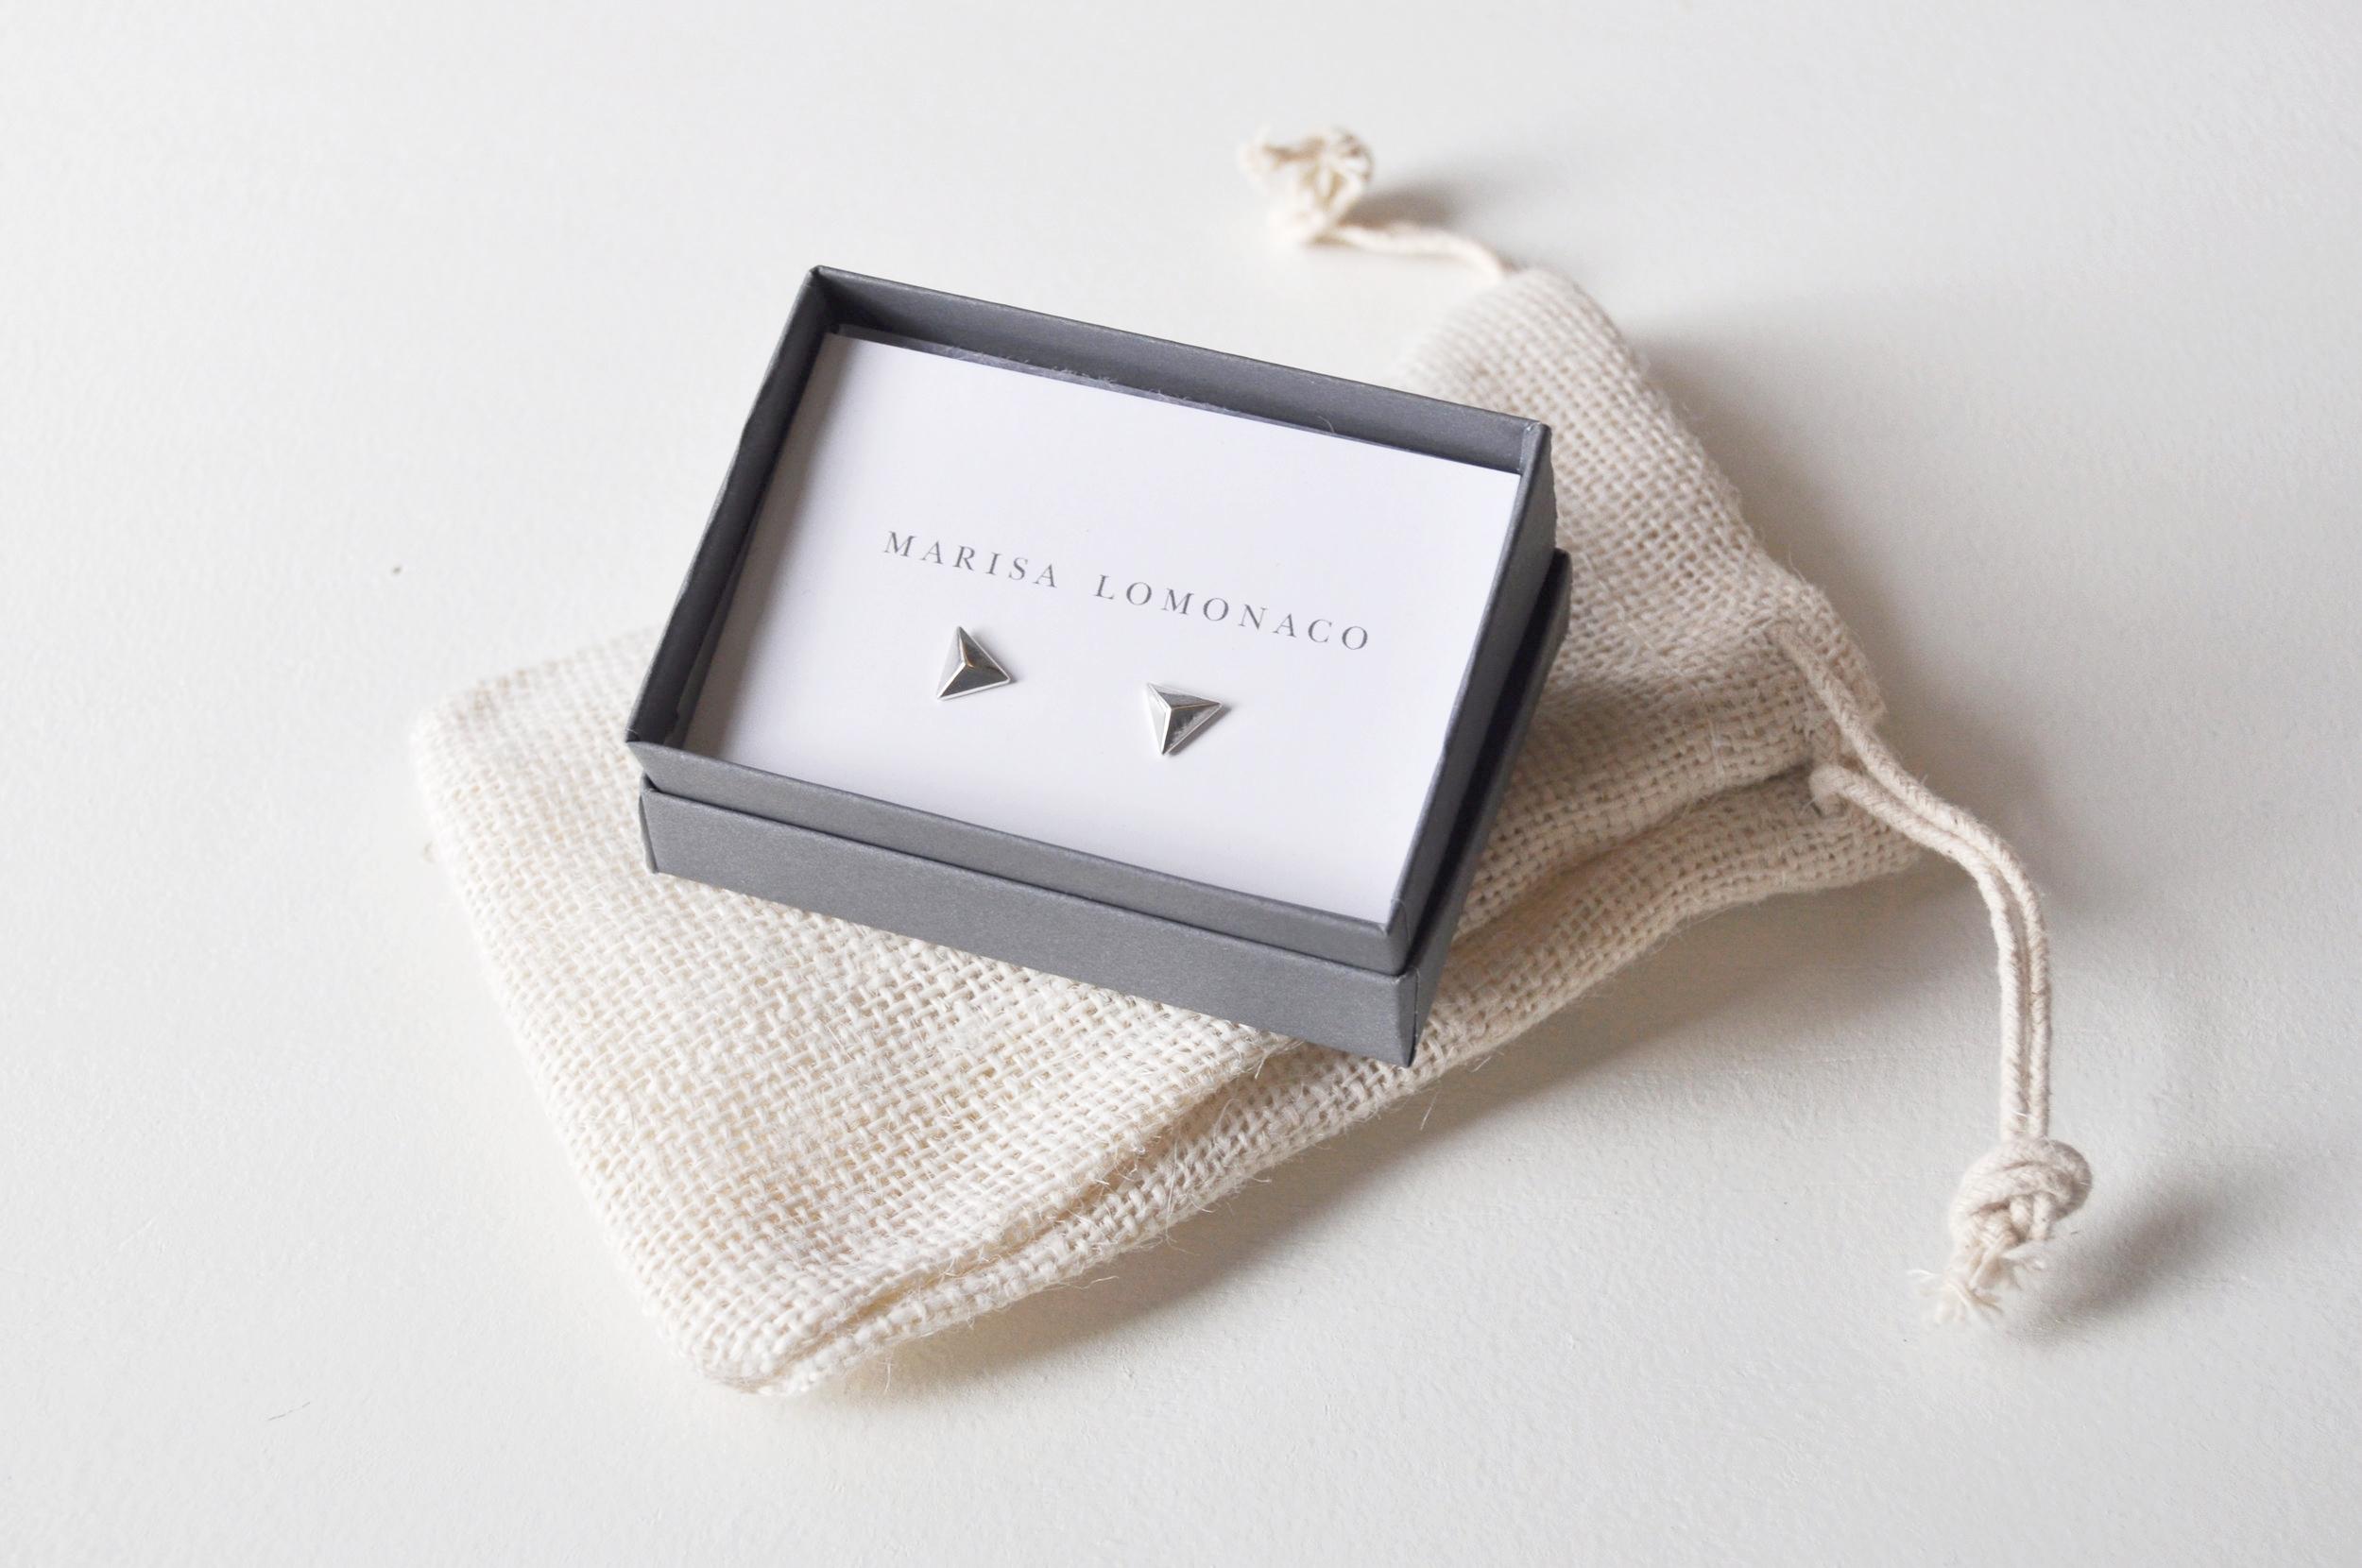 Marisa-Lomonaco-Jewelry-Beacon-NY-2.jpg